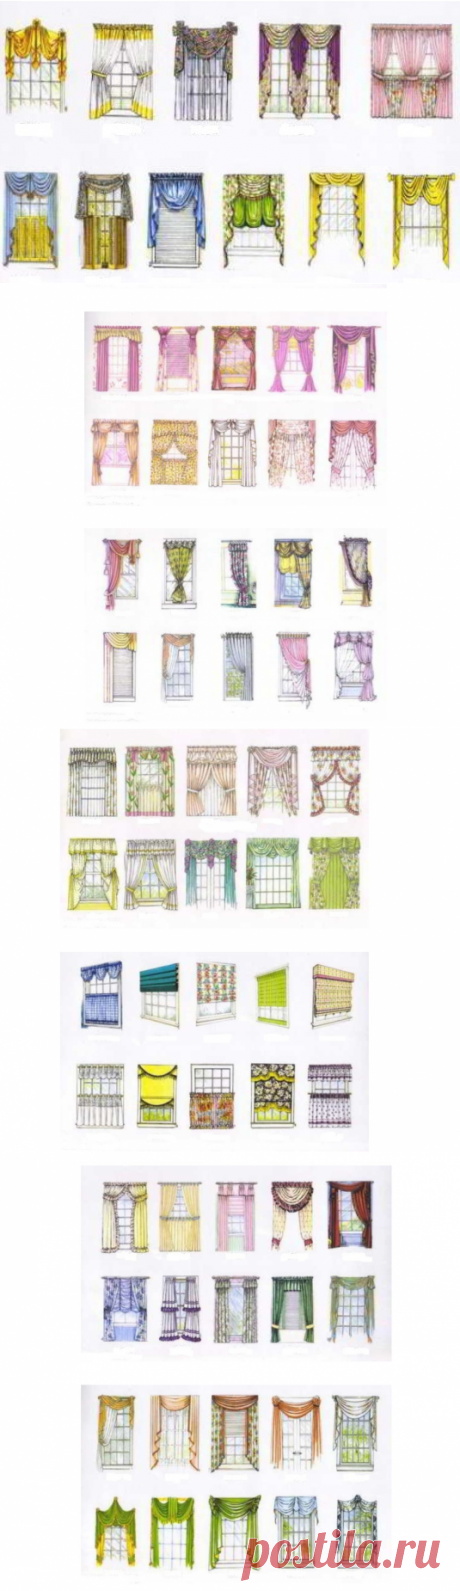 Las variantes de ostentación de los visillos y las cortinas con el cortinaje distinto... ¡Como esto es hermoso!